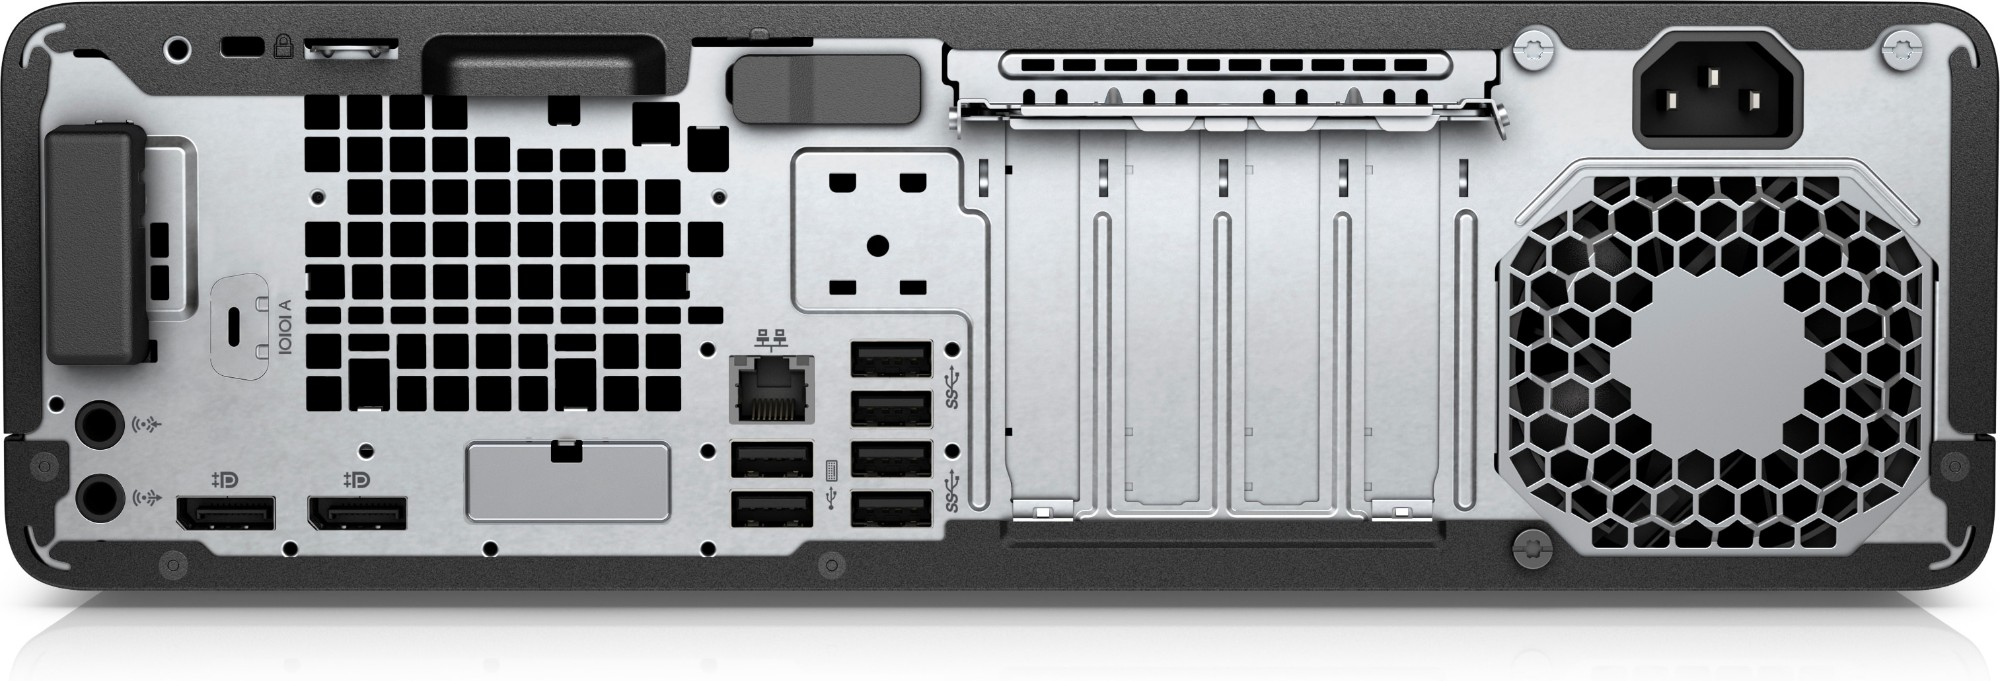 HP EliteDesk 800 G4 8th gen Intel® Core™ i3 i3-8100T 8 GB DDR4-SDRAM 1256  GB HDD+SSD Black Mini Tower PC